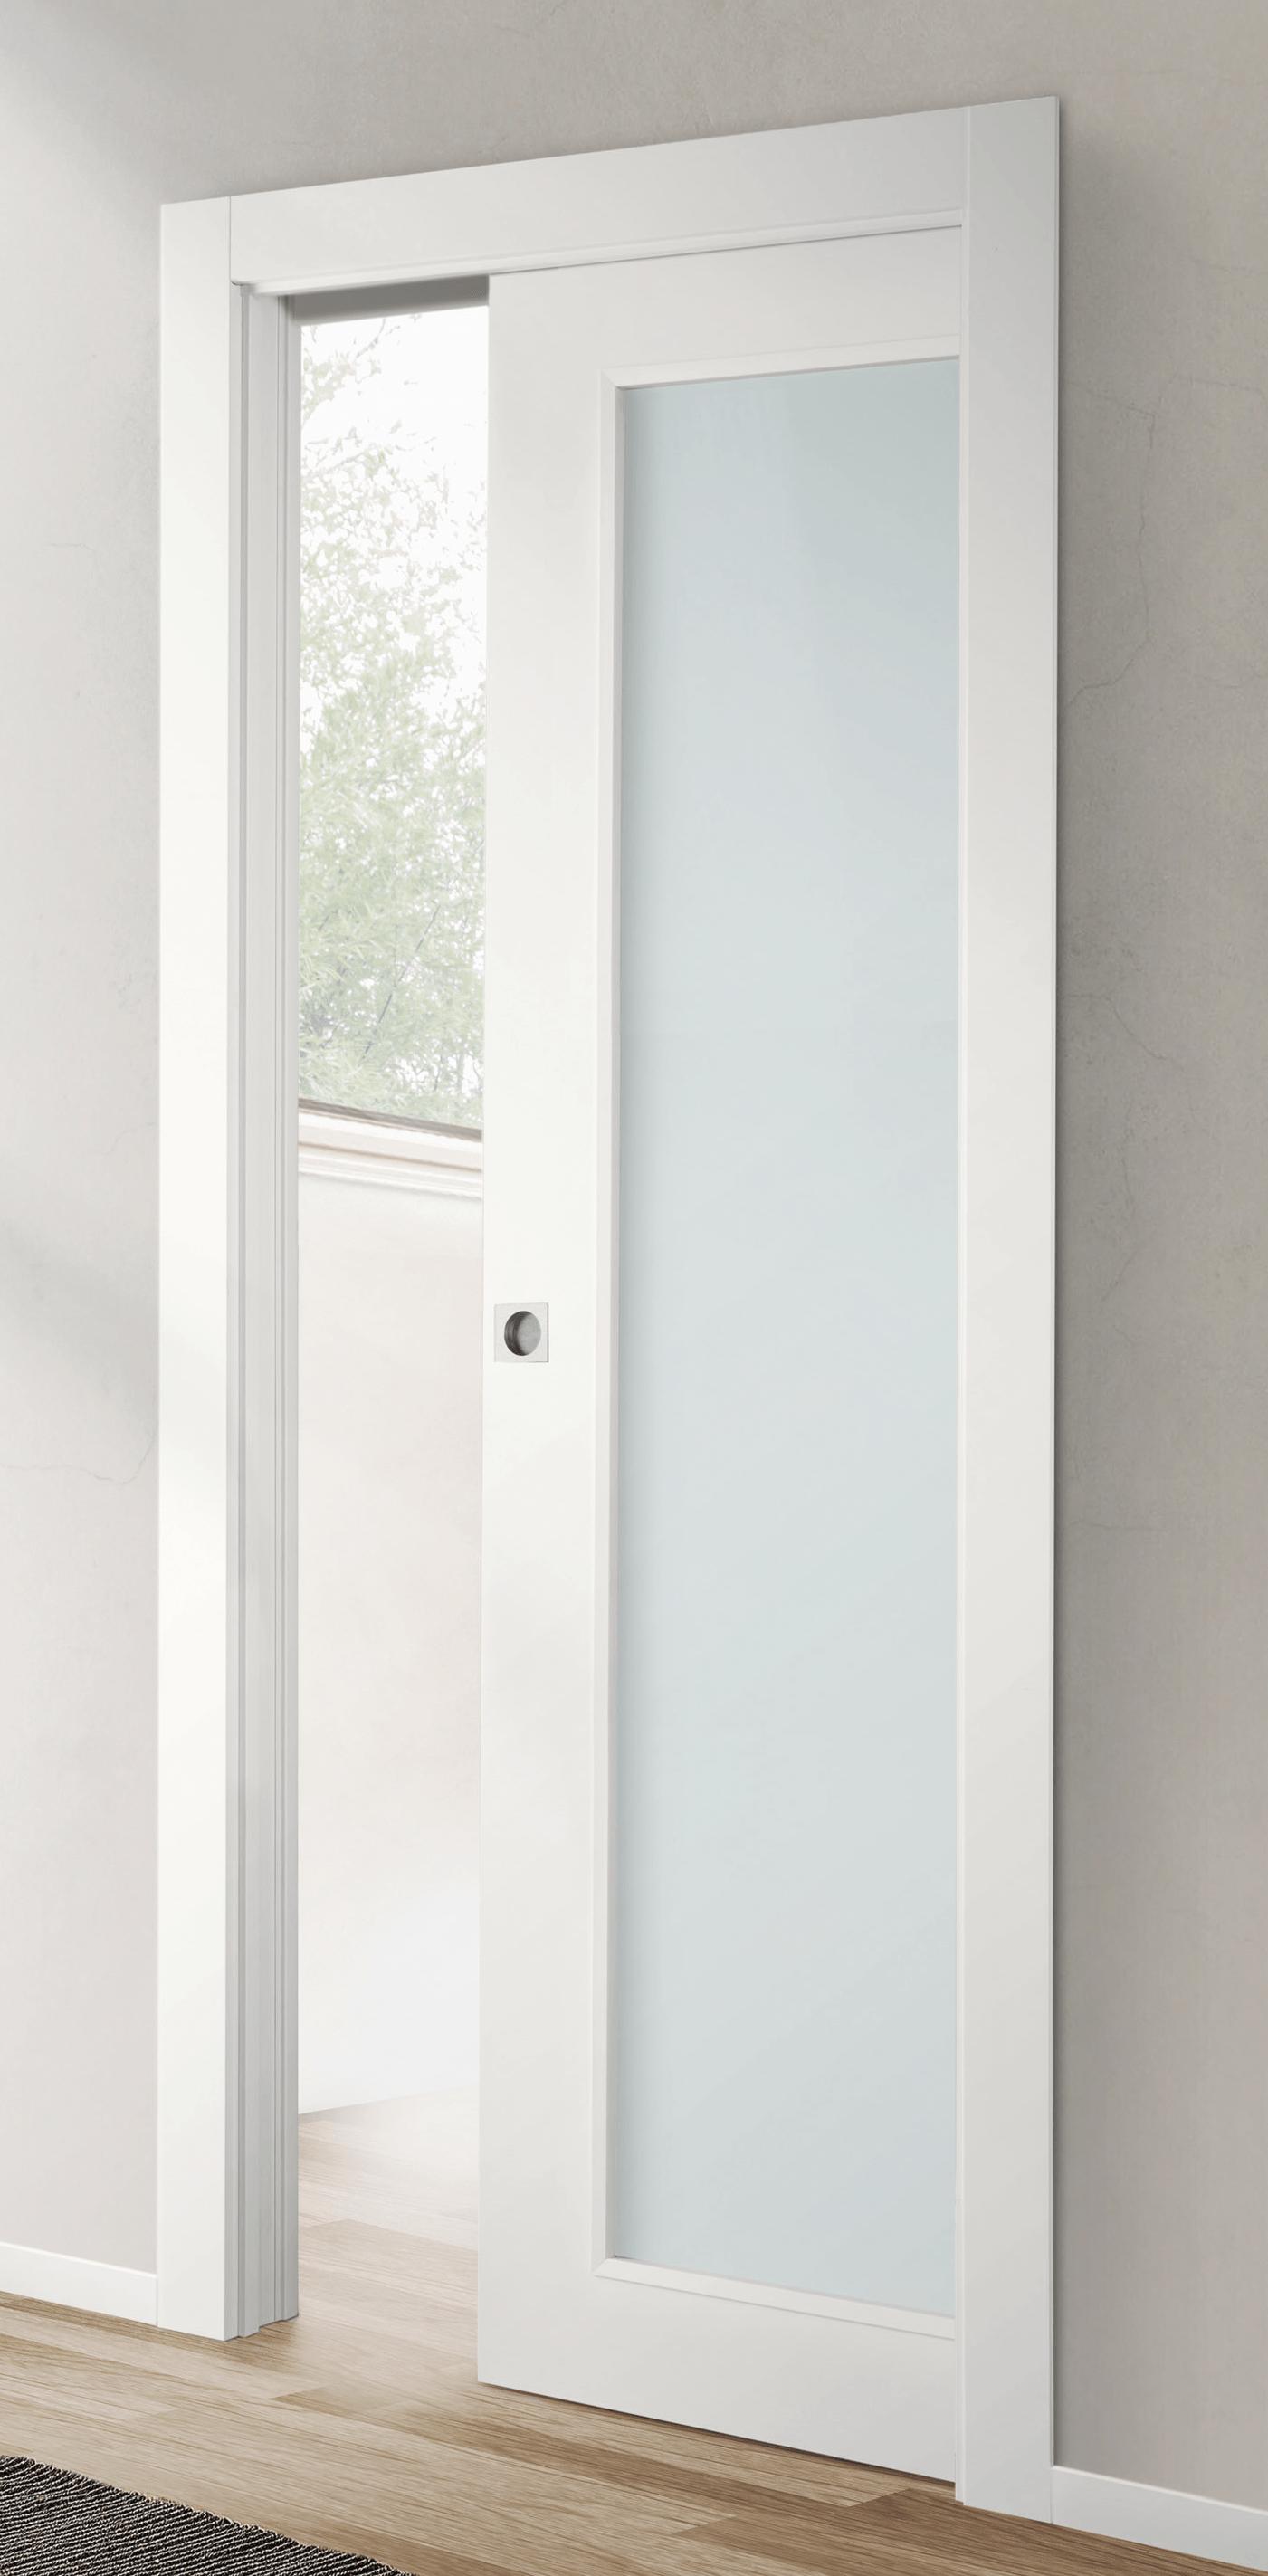 Porte laccate spazzolate Liberty - Civico14 - Porte interne e ...